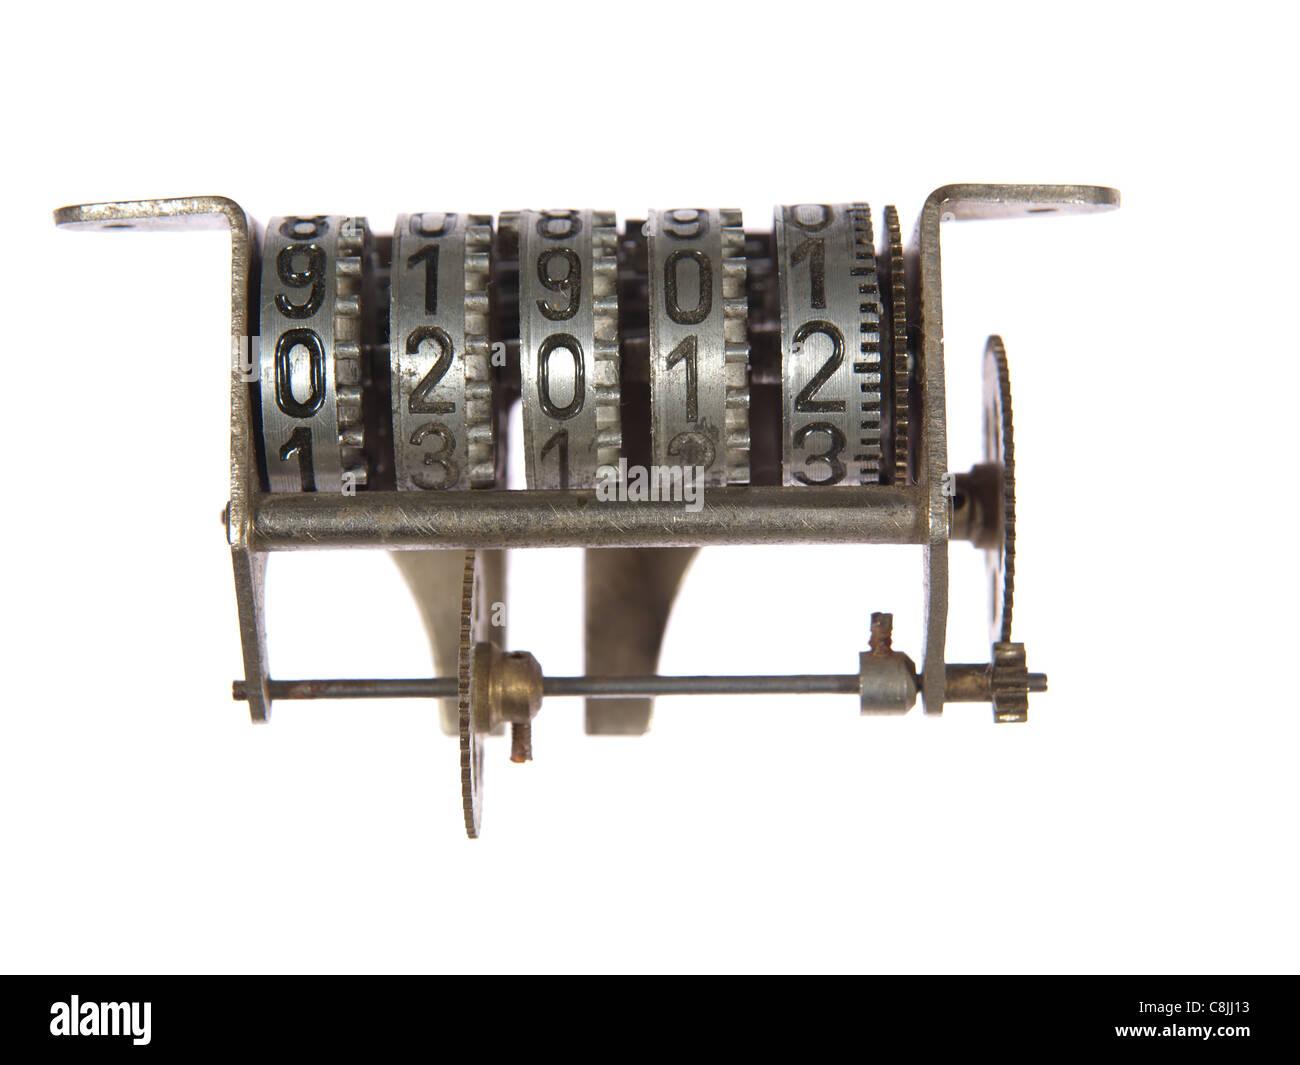 Mechanische Zähler-Mechanismus mit Zahnrädern, das neue Jahr 2012. Stockbild